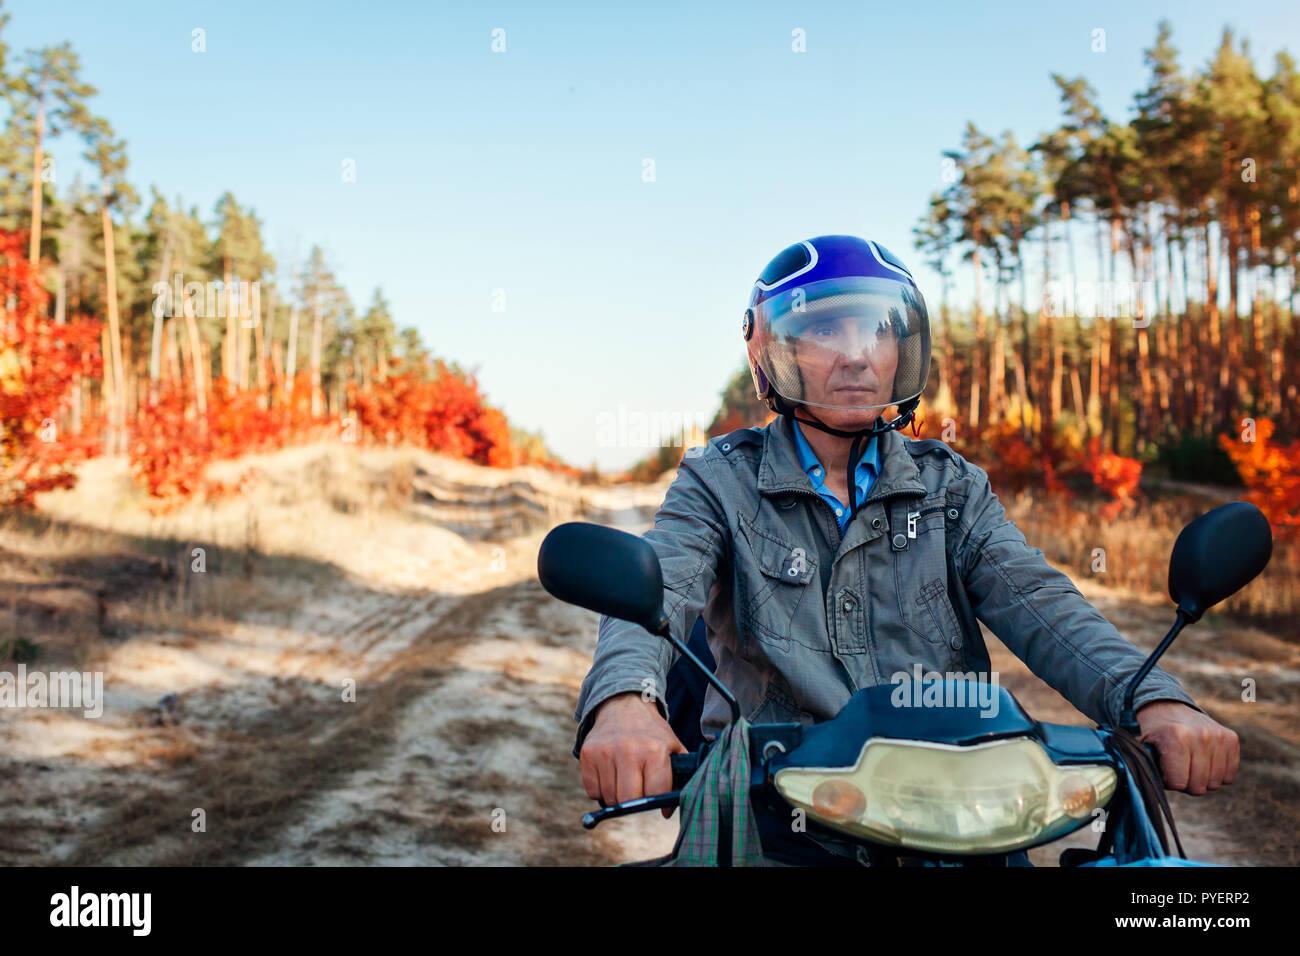 Senior man riding scooter sur la route forestière de l'automne. Conducteur en équitation casque scooter. Mode de vie actif Banque D'Images